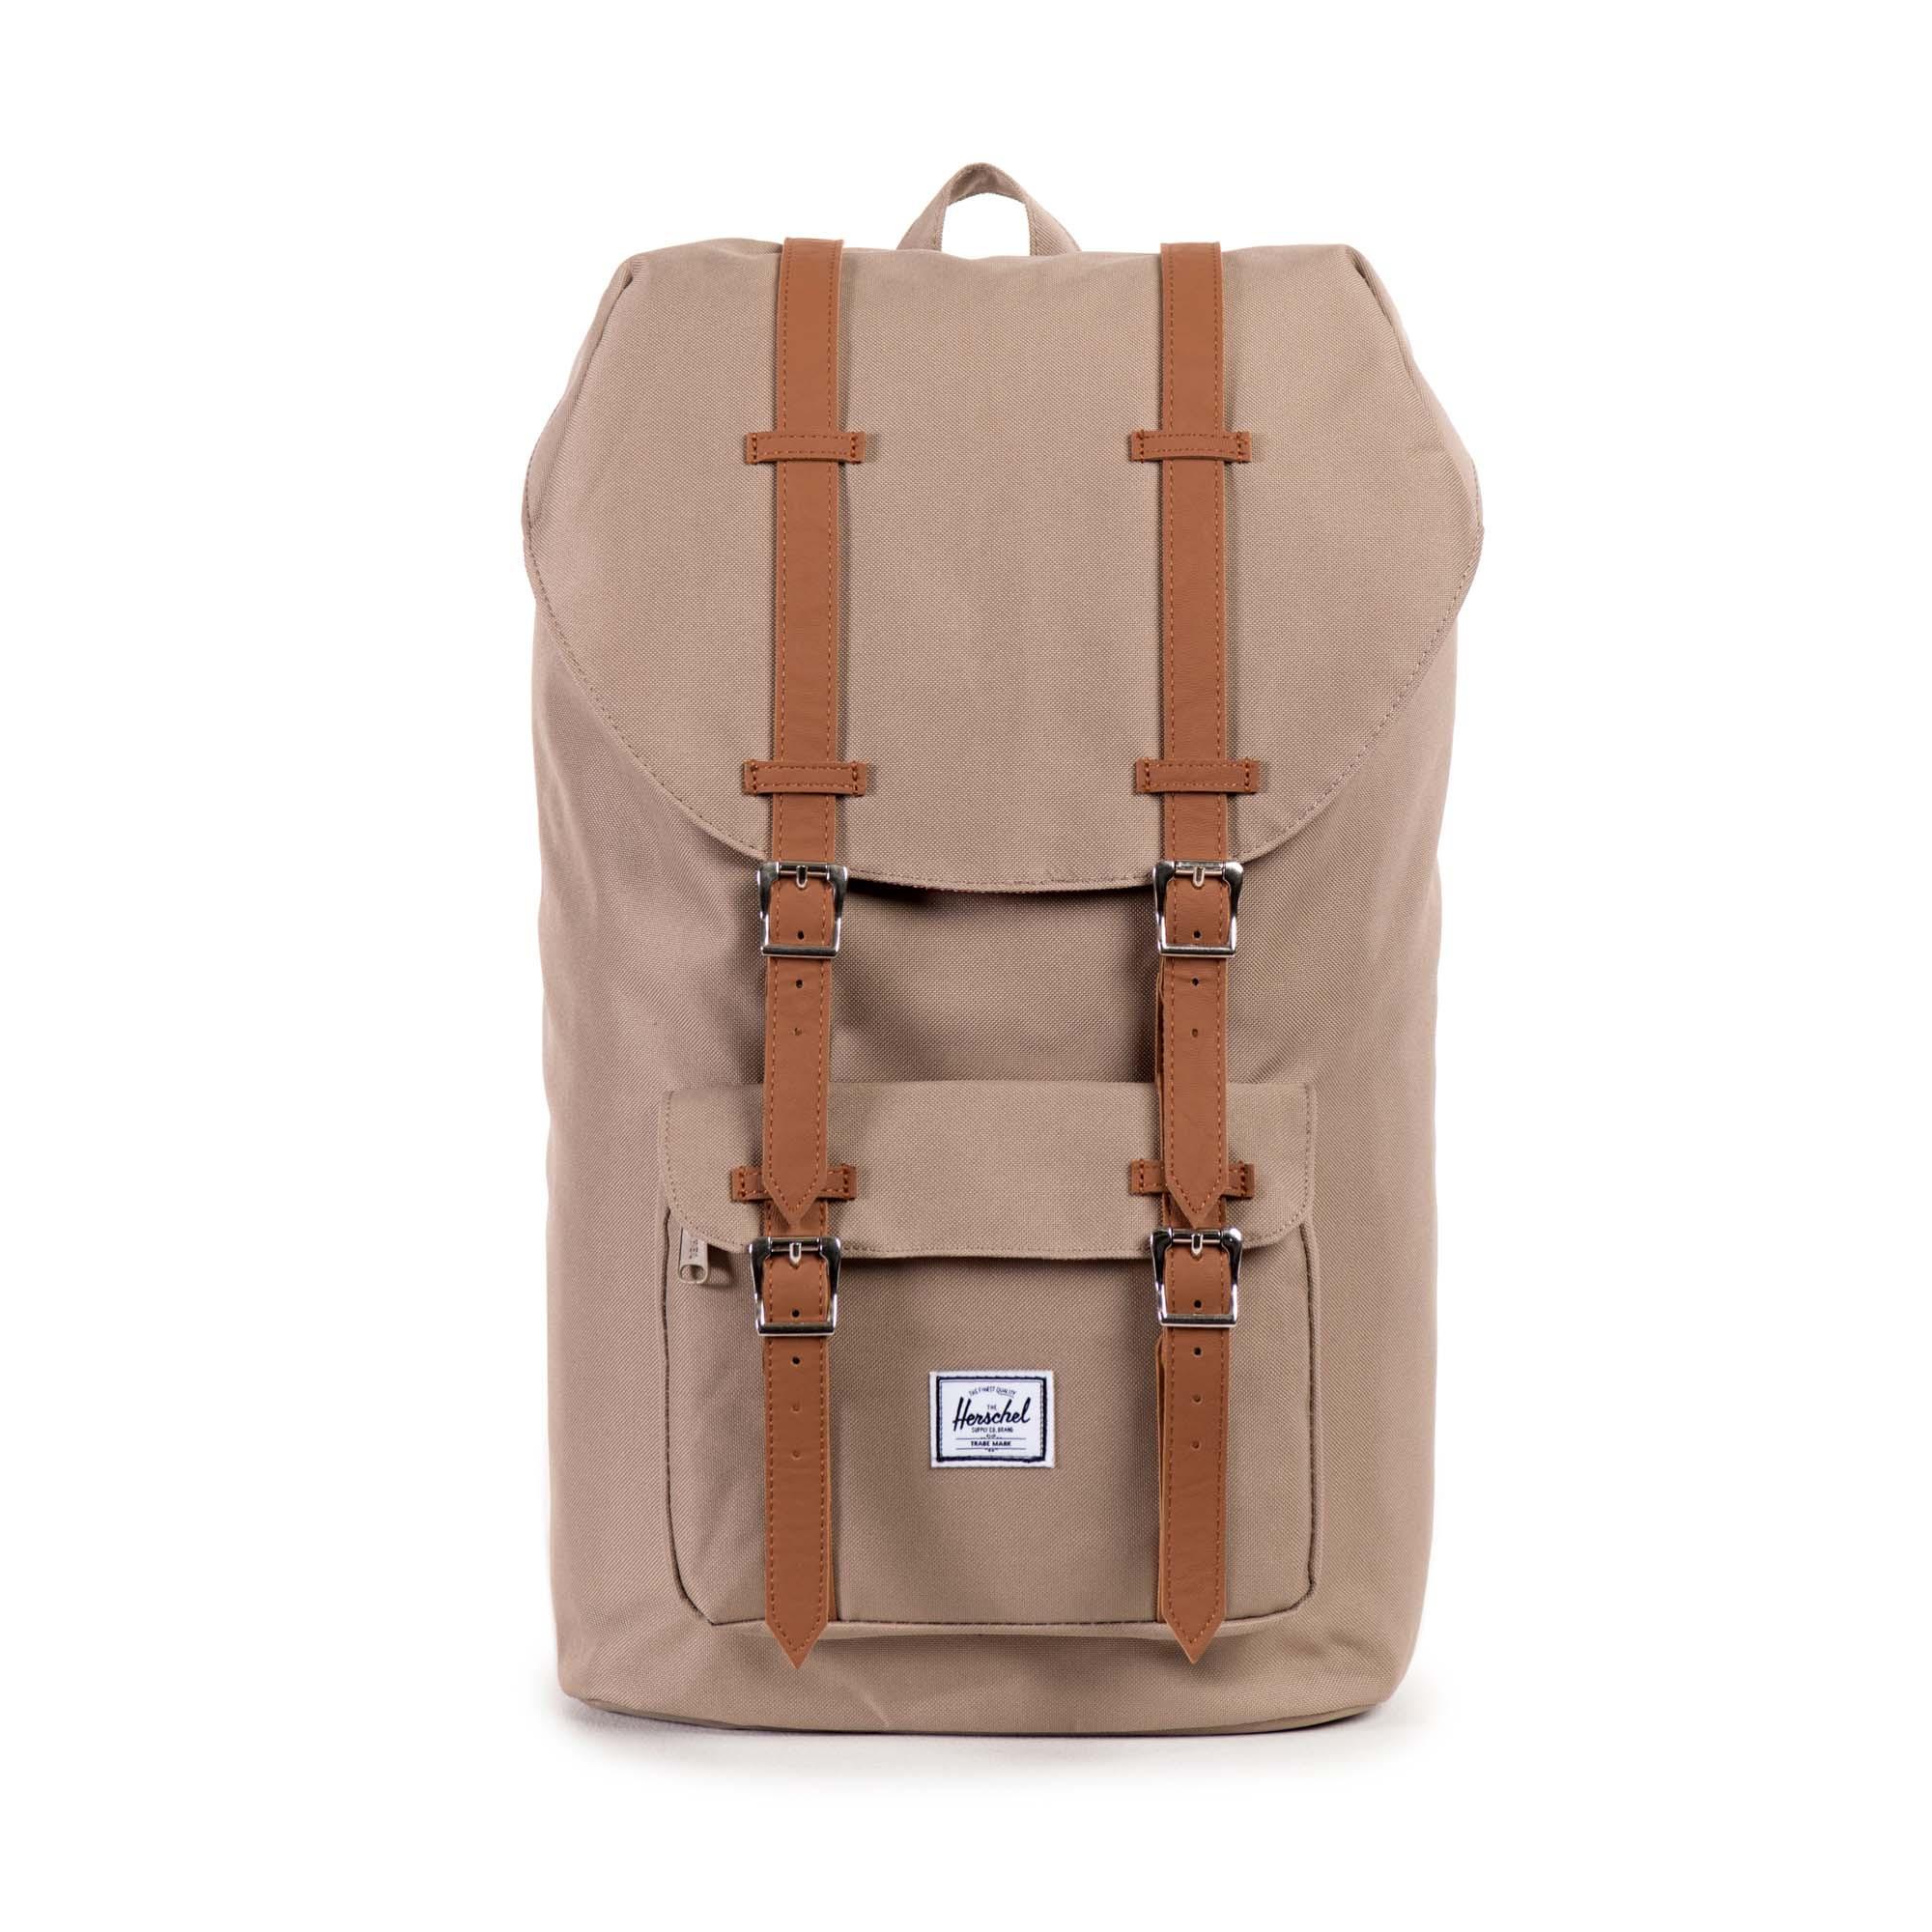 herschel supply co little america backpack in beige brindle lyst. Black Bedroom Furniture Sets. Home Design Ideas